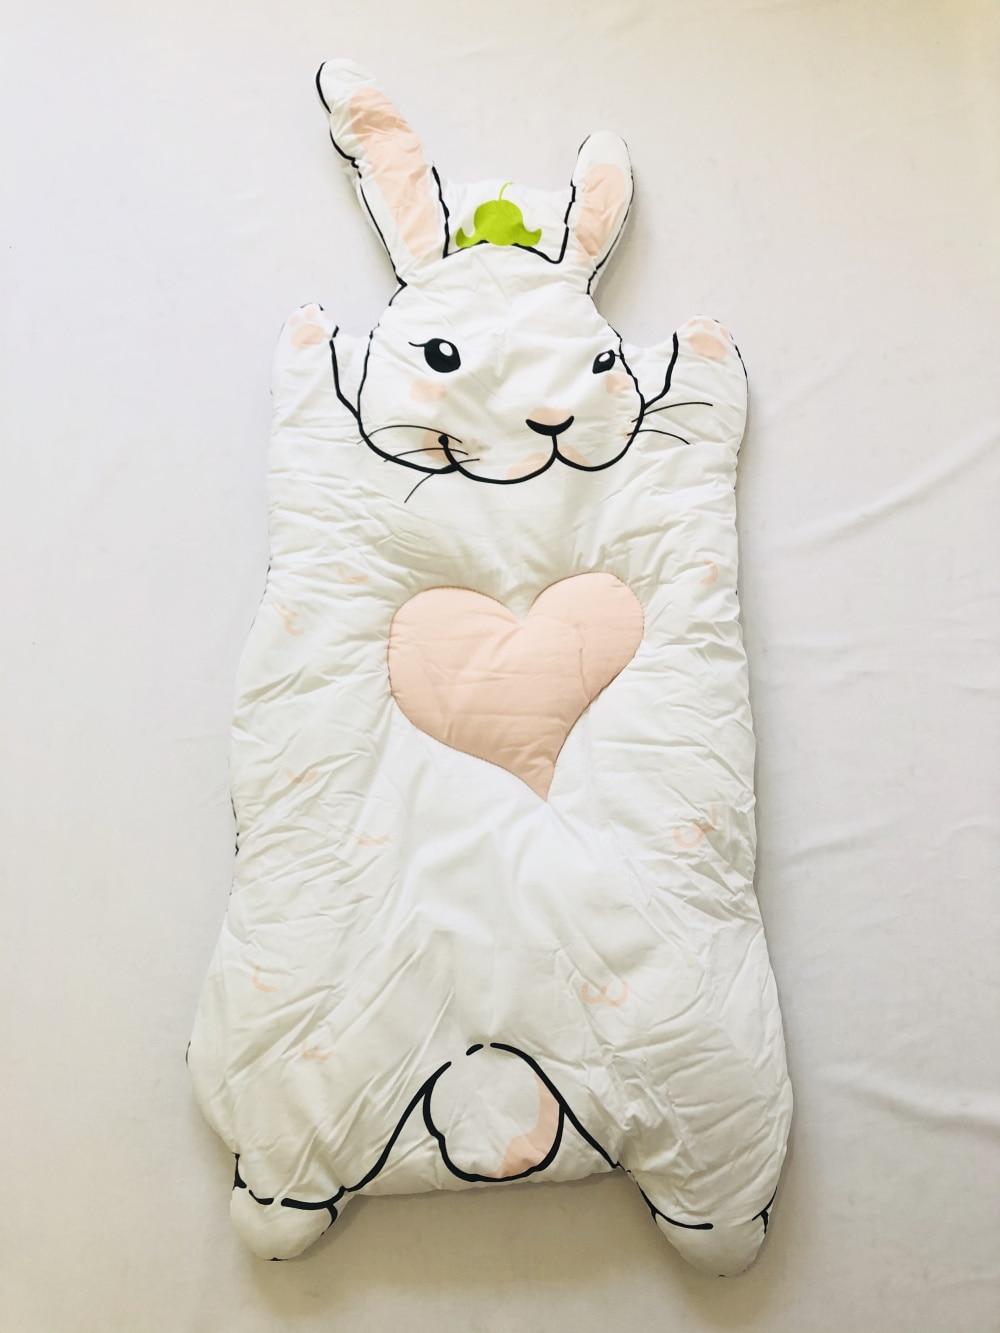 INS Белый Кролик енот игровой коврик детское одеяло утолщенный ползающий коврик игровой коврик - Цвет: Thick Bunny